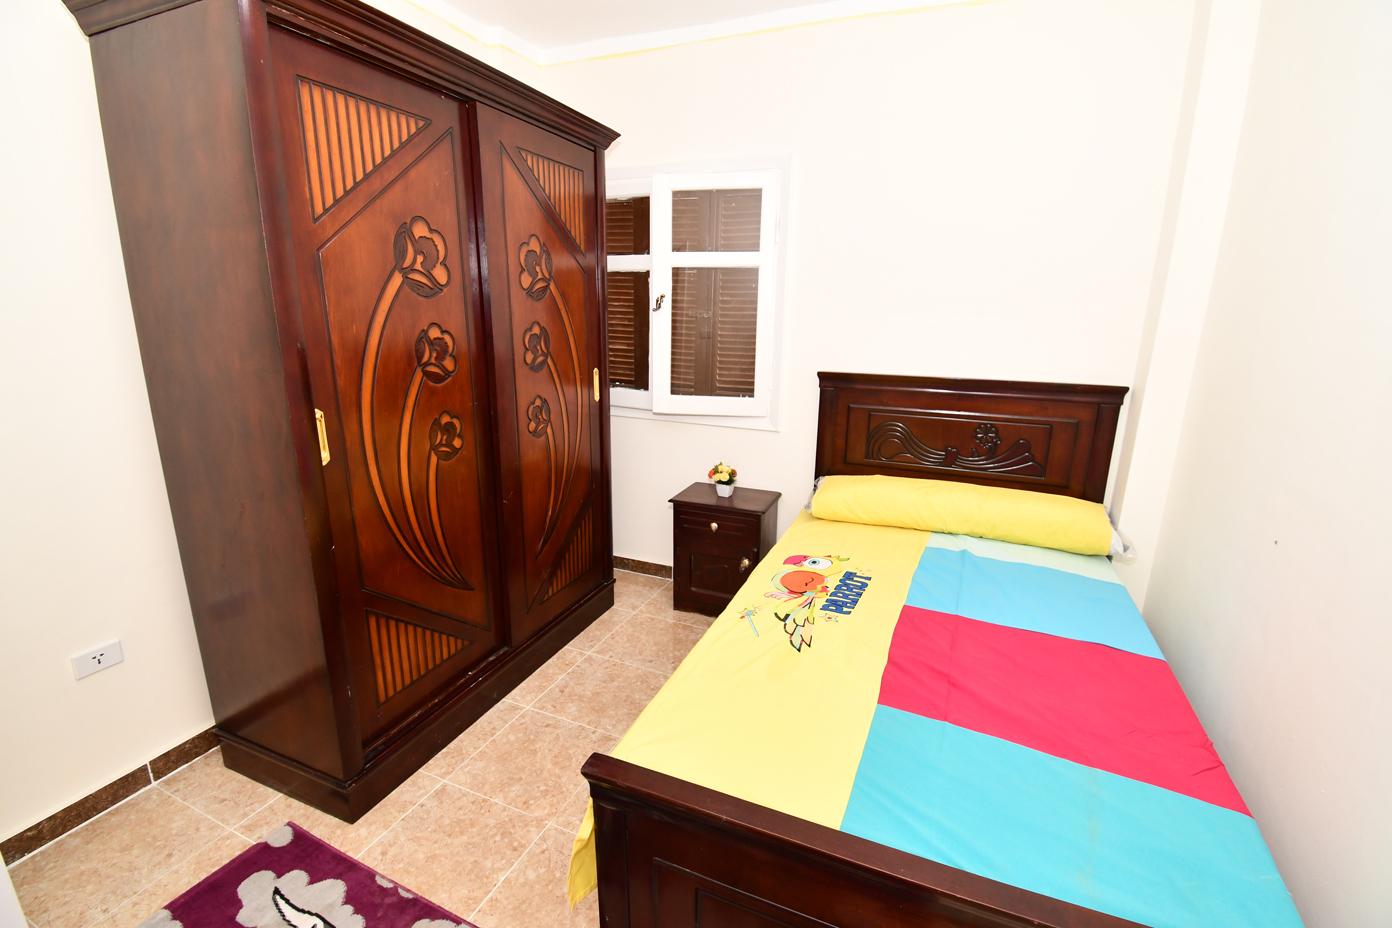 الوحدات السكنية بمدينة السادات (5)